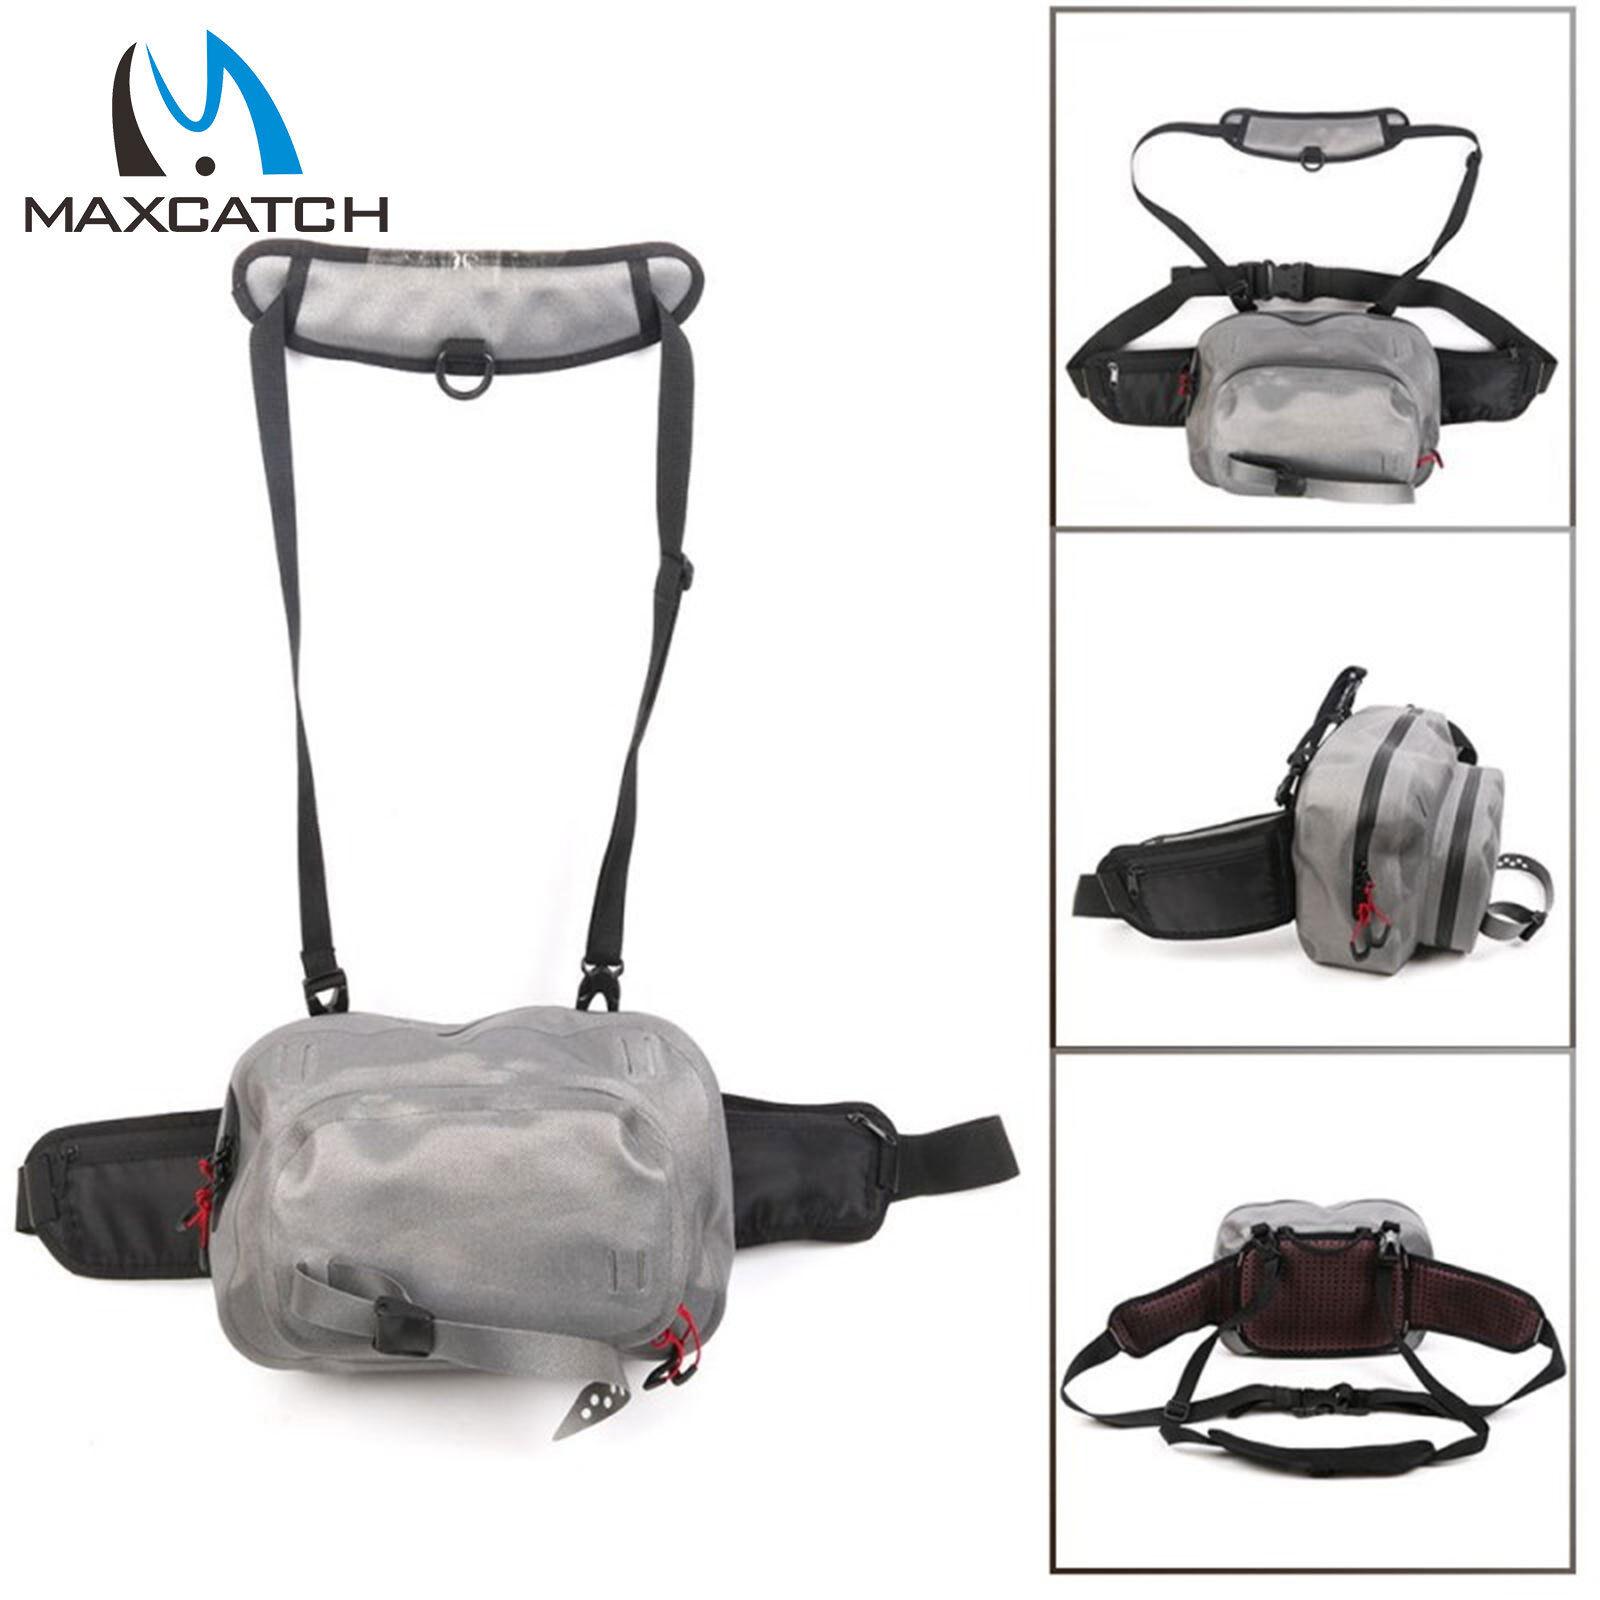 Maxcatch Resistente Al Agua Bolso de la cintura  pesca con mosca pesca bolsas Ultra-durable  promocionales de incentivo